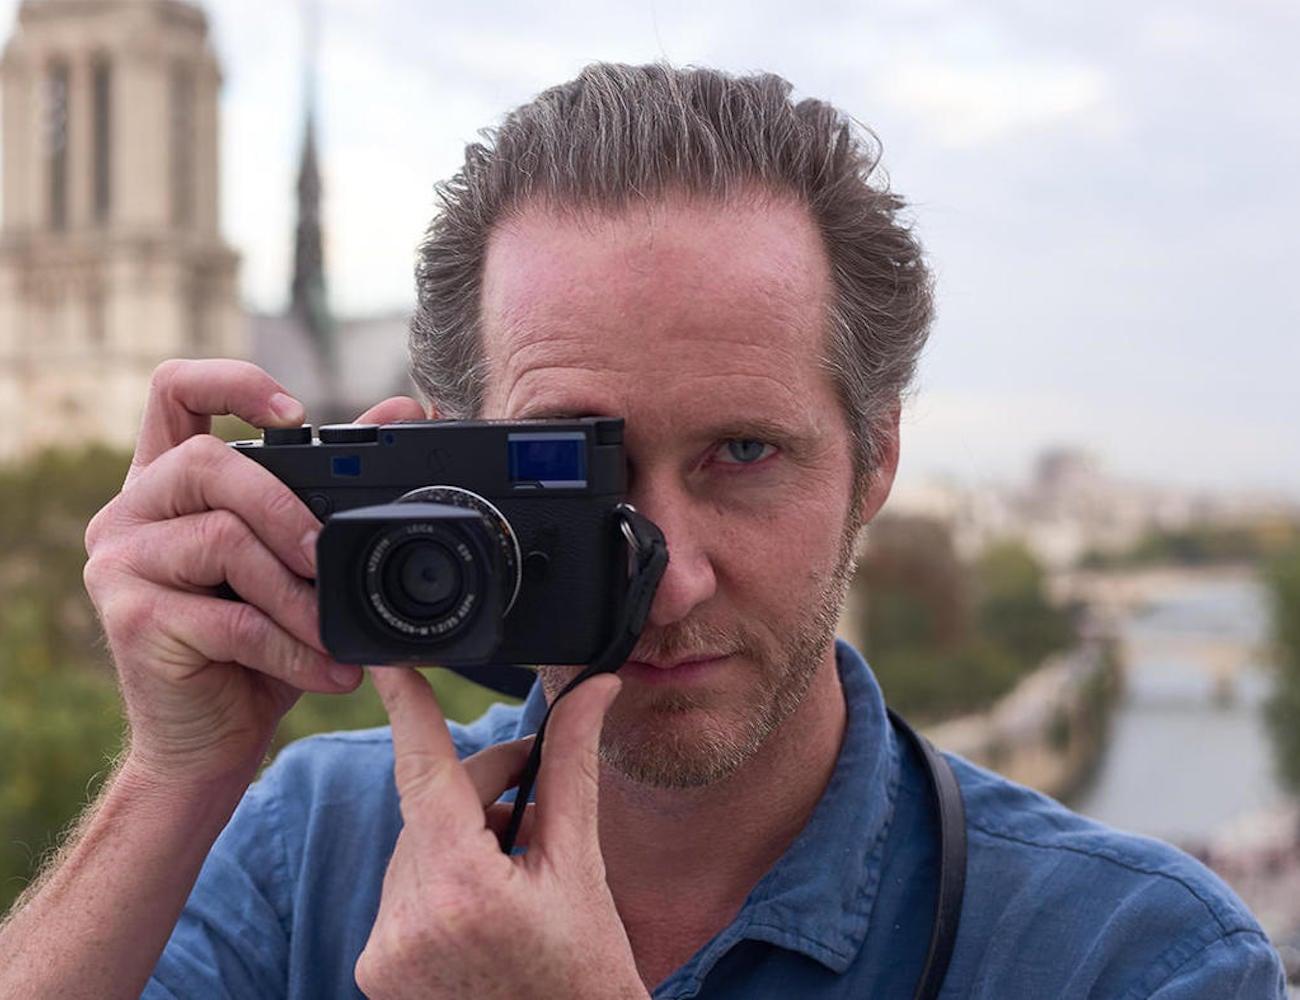 Leica M10-D Digital Analog Camera